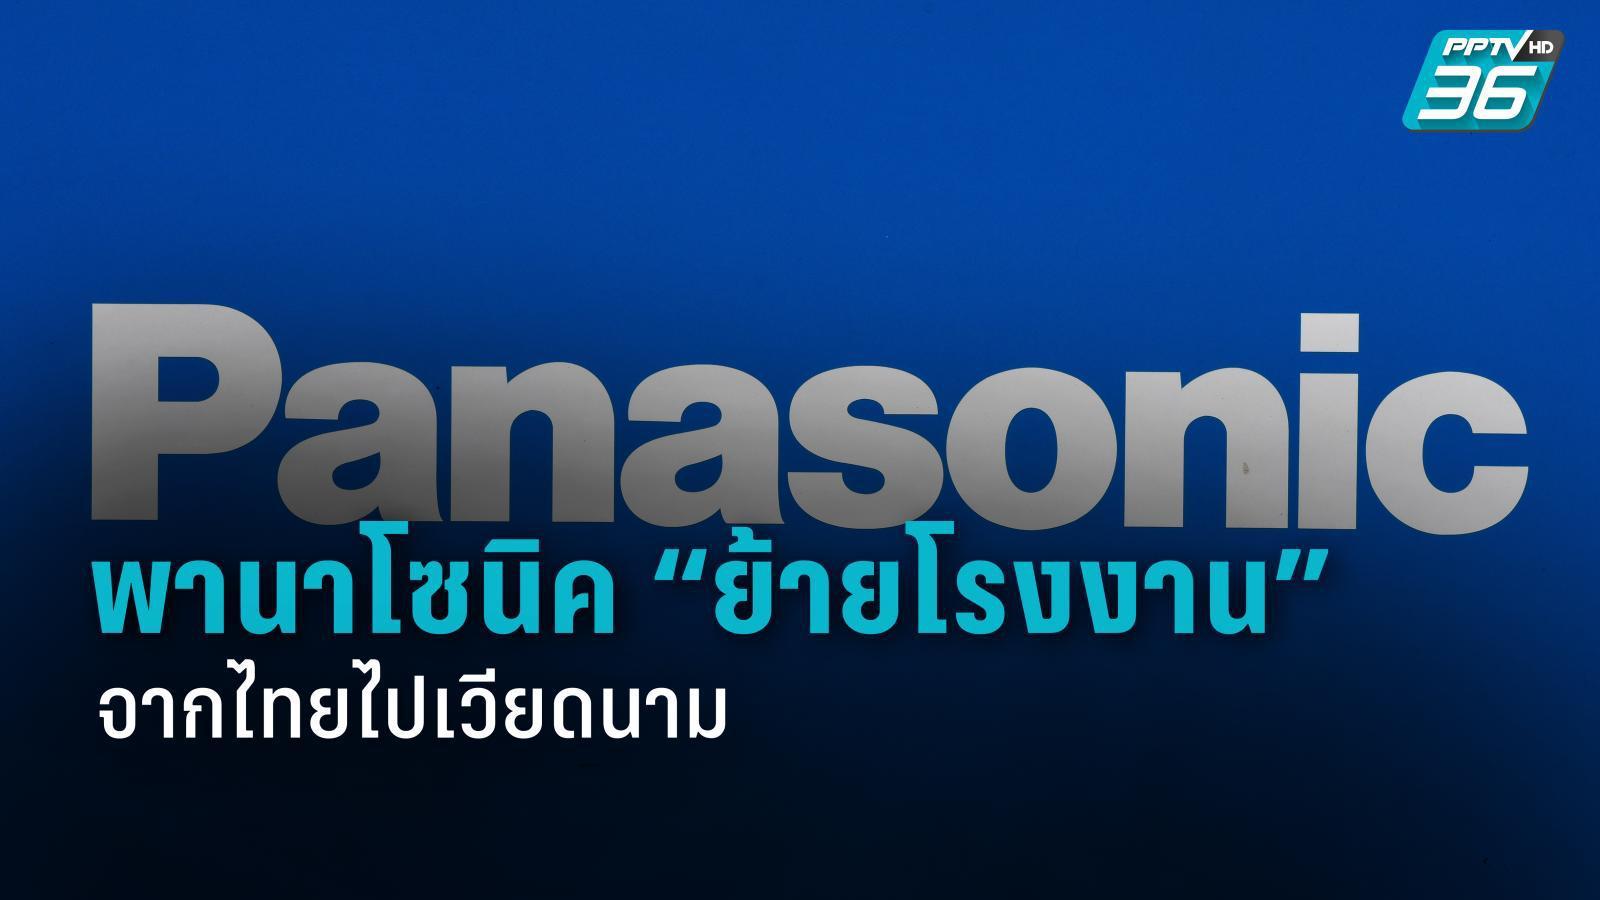 """""""พานาโซนิค"""" ปิดโรงงานผลิต """"เครื่องซักผ้า-ตู้เย็น"""" จากไทยไปเวียดนาม"""